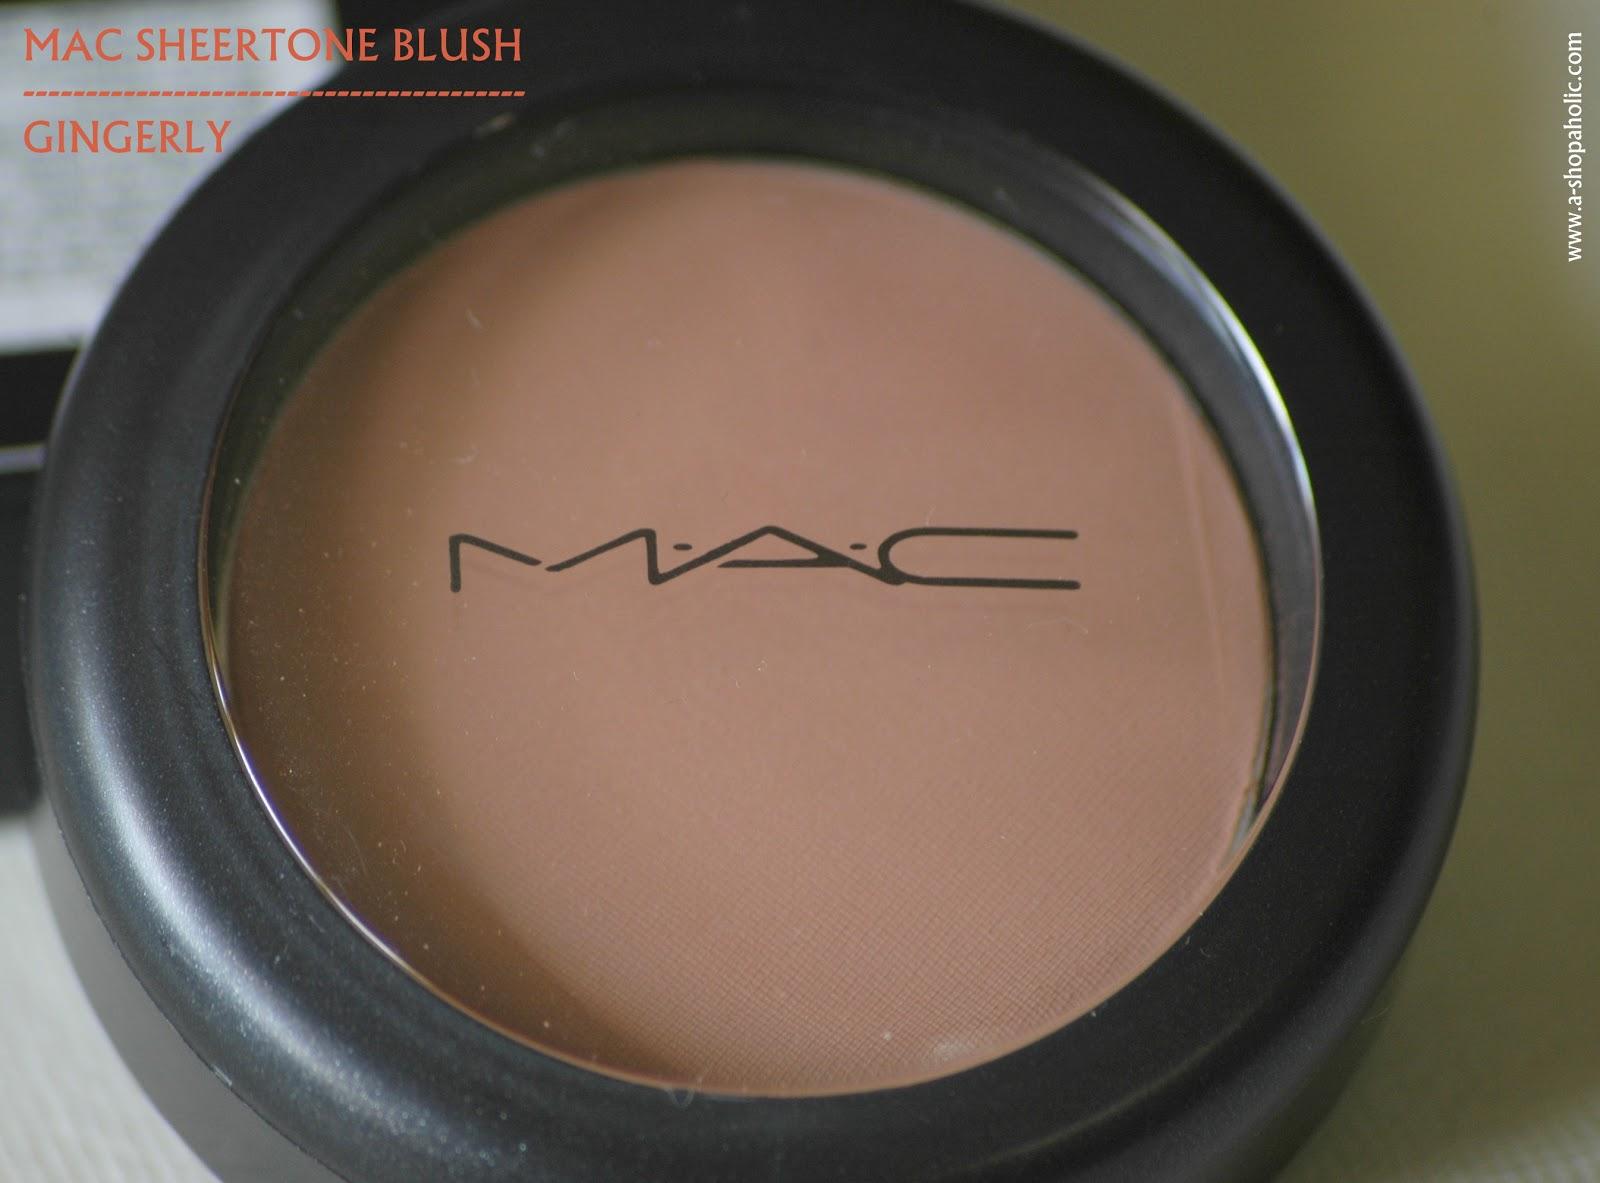 A Shopaholic: MAC Sheertone Powder Blush [Gingerly] Review